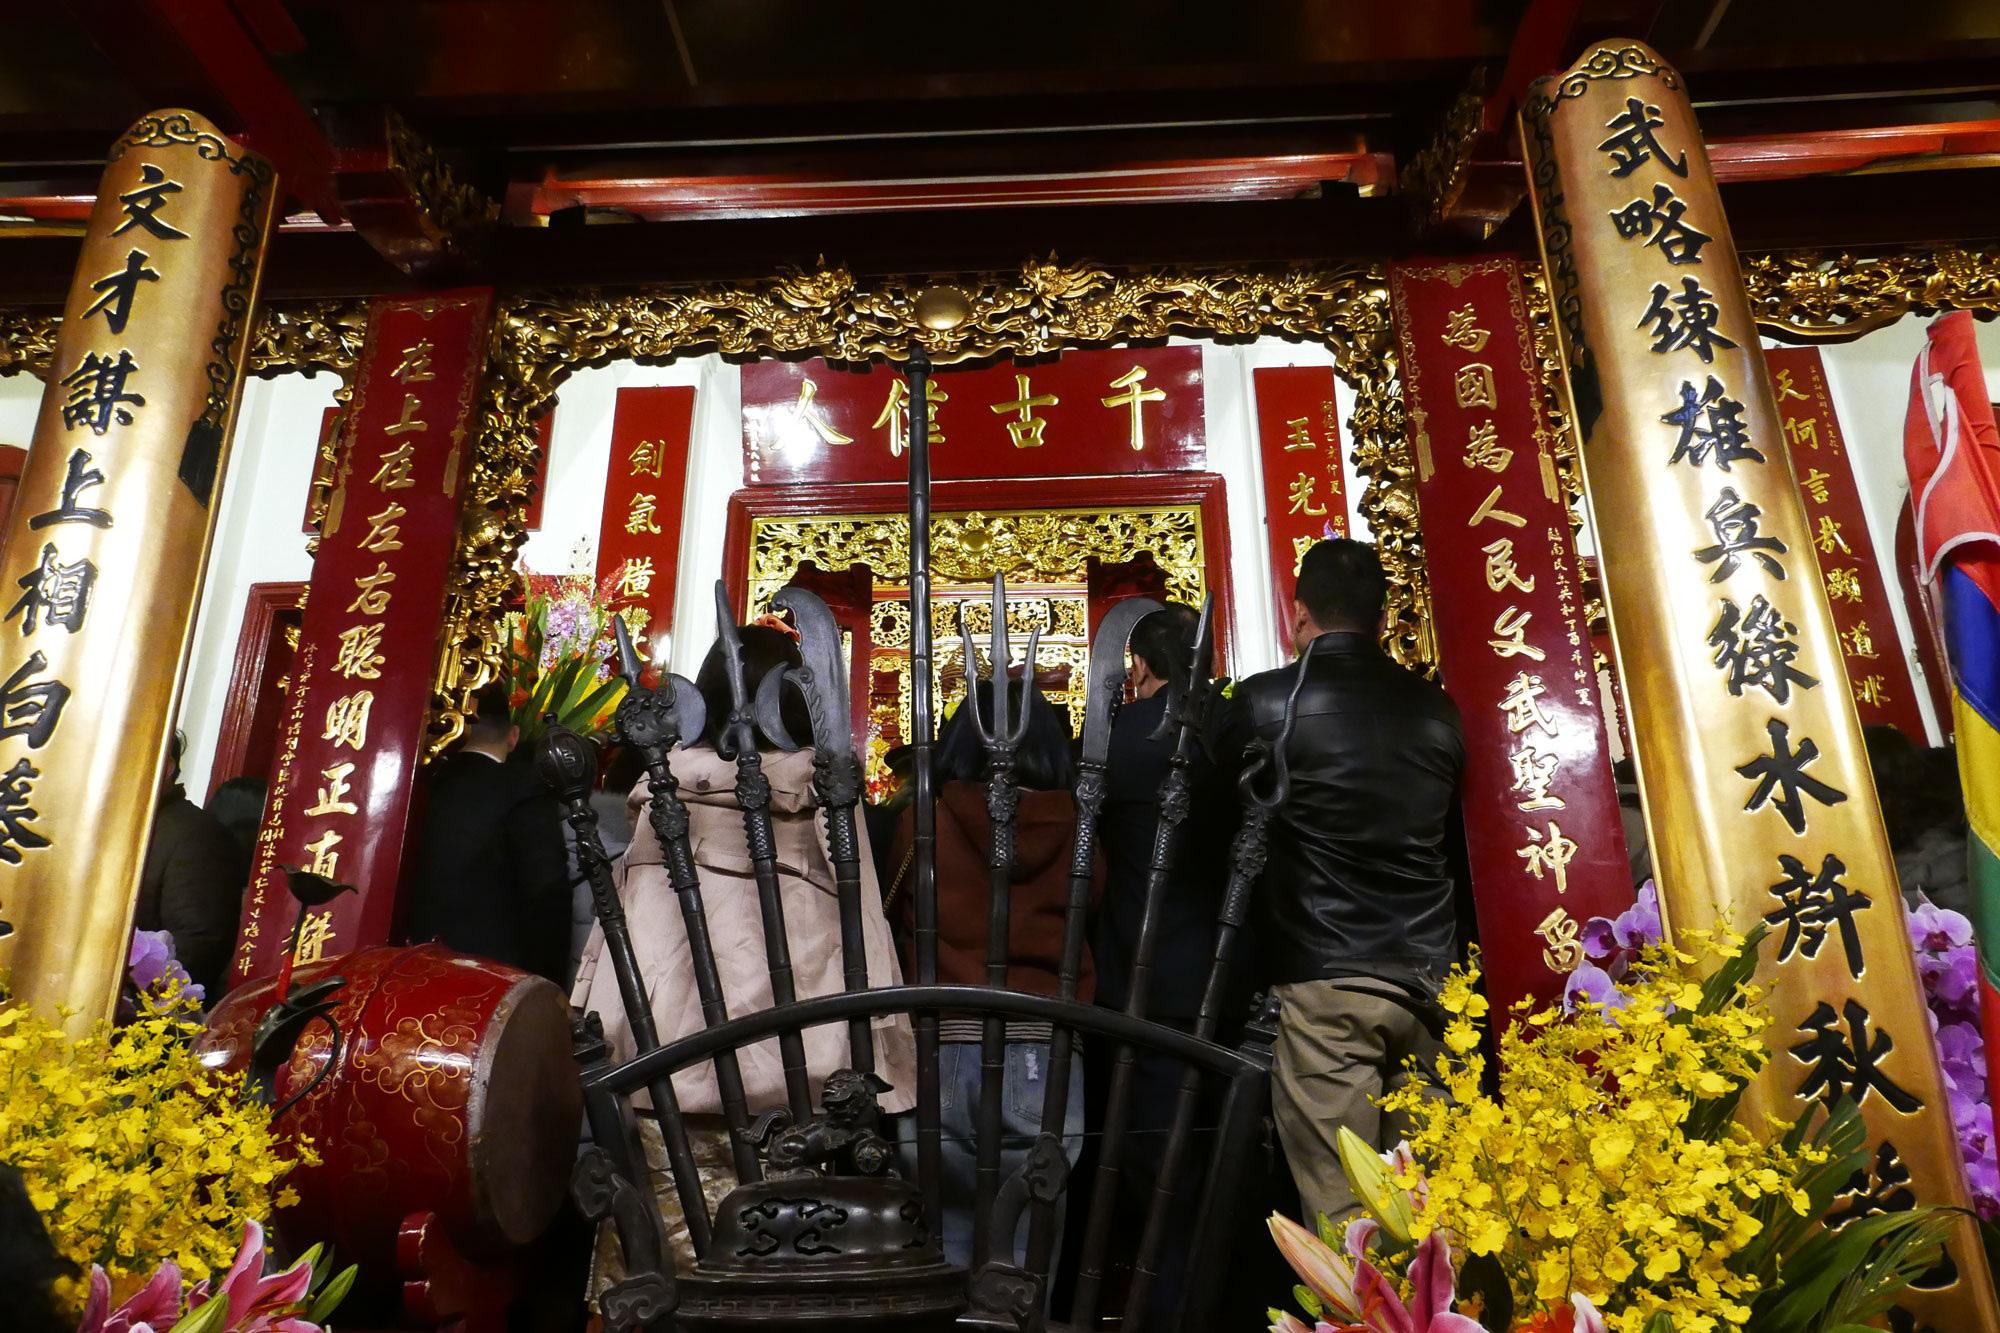 Cảnh lễ đền dưới mưa xuân tuyệt đẹp ở Hà Nội ngày mùng 1 Tết - Ảnh 9.